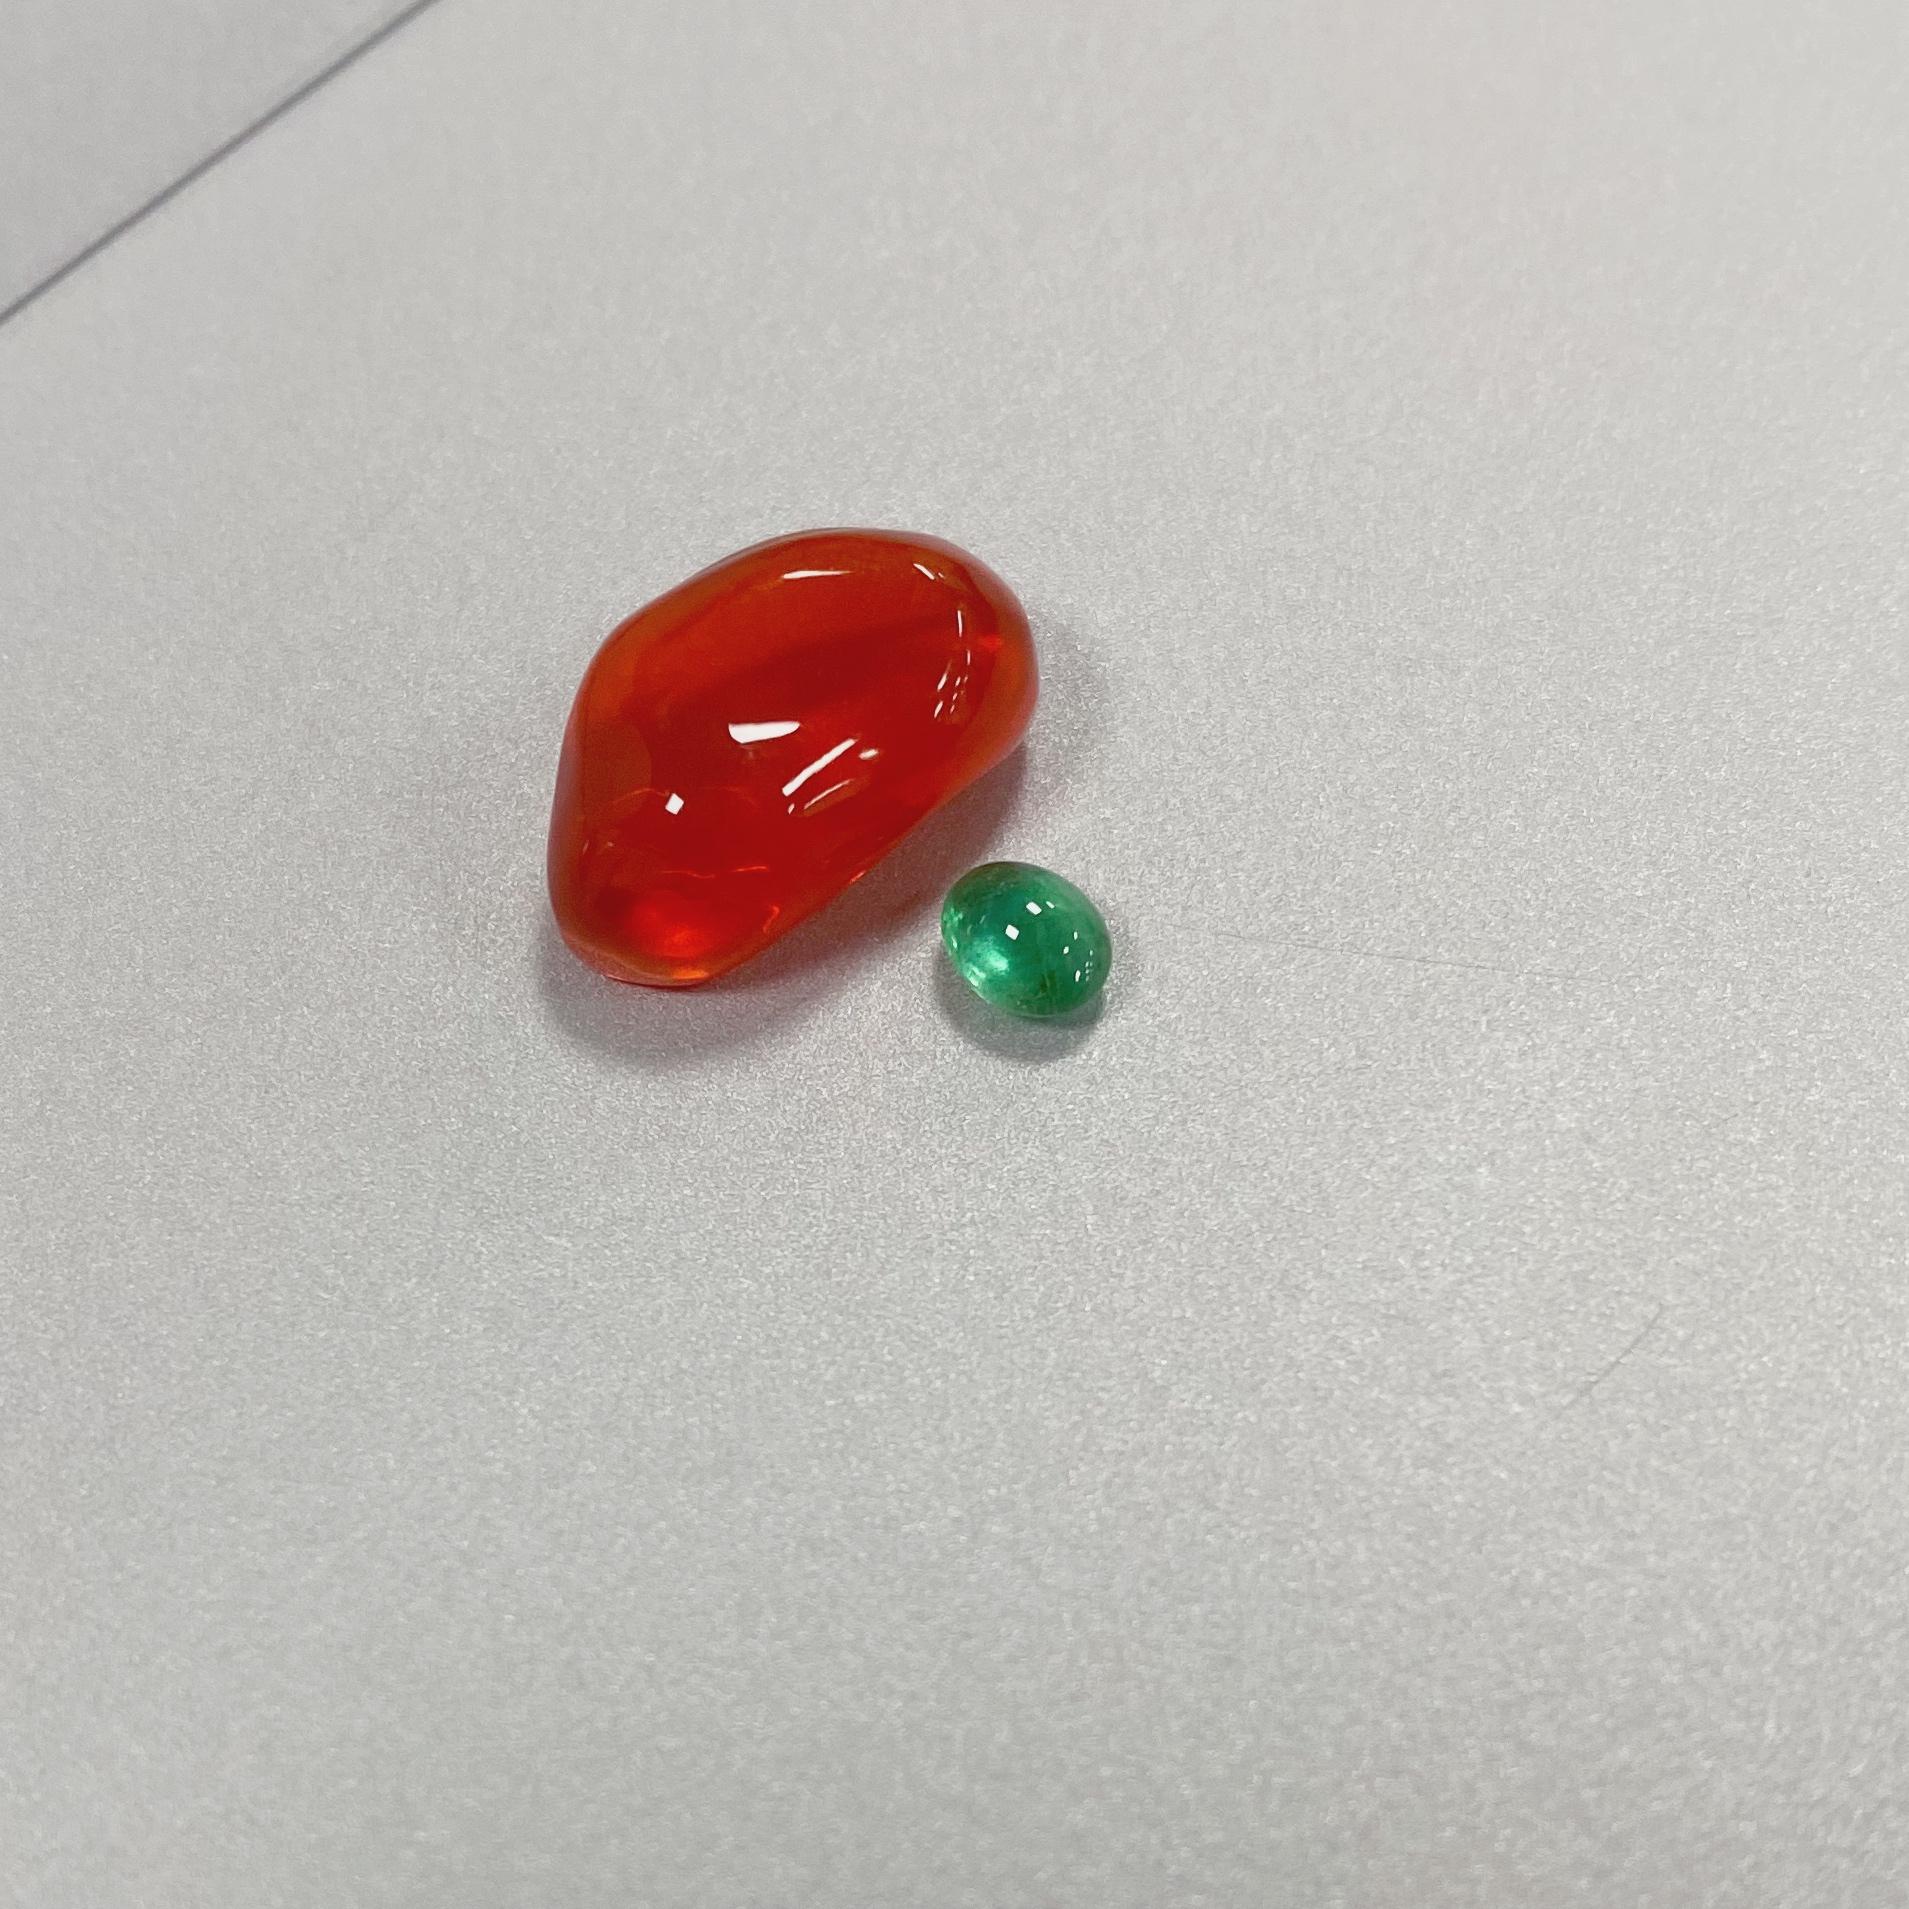 小蘑菇 墨西哥橙红色火欧泊 祖母绿蛋面 裸石彩宝戒指吊坠项链